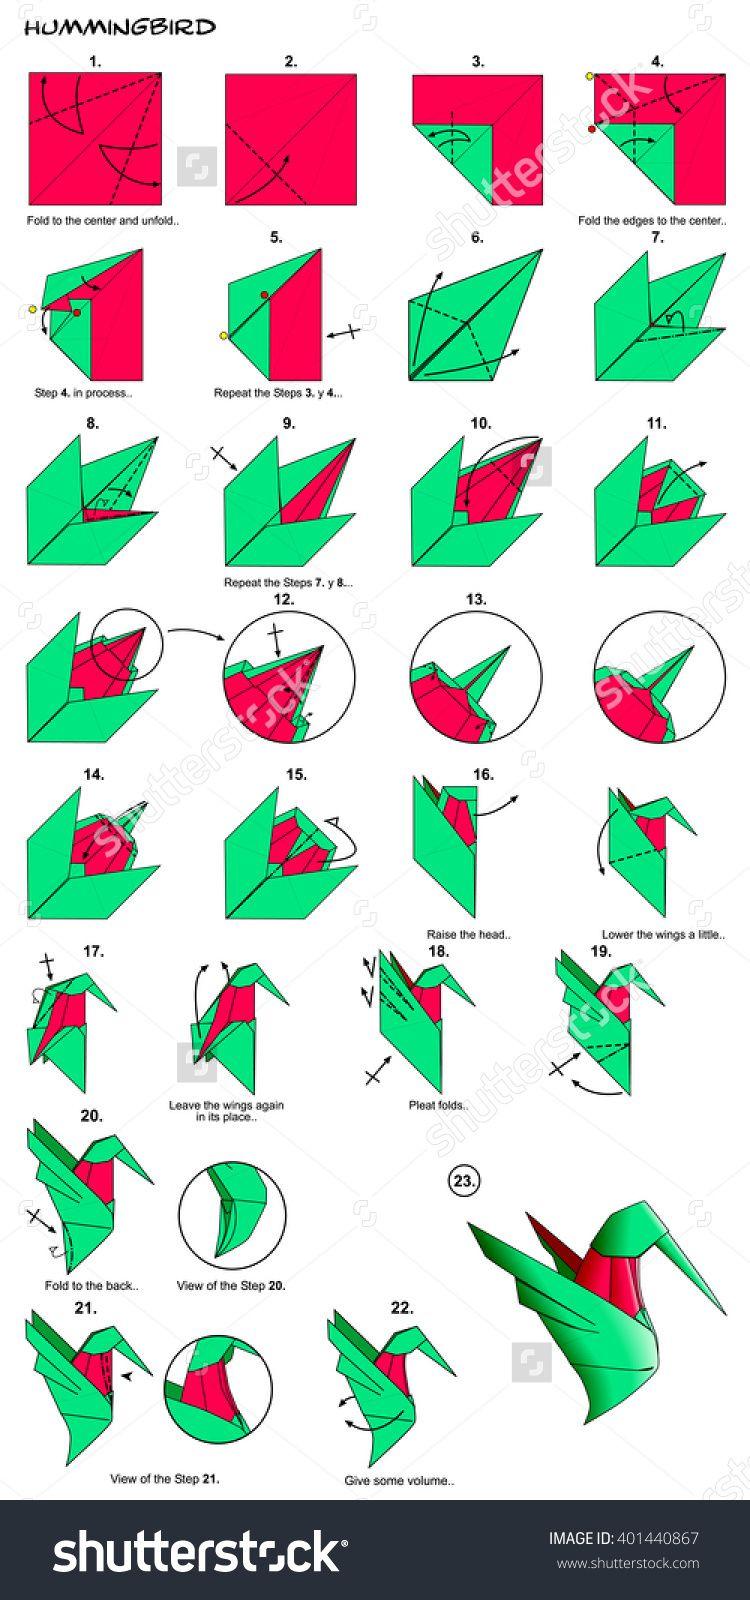 medium resolution of hummingbird wiring diagram